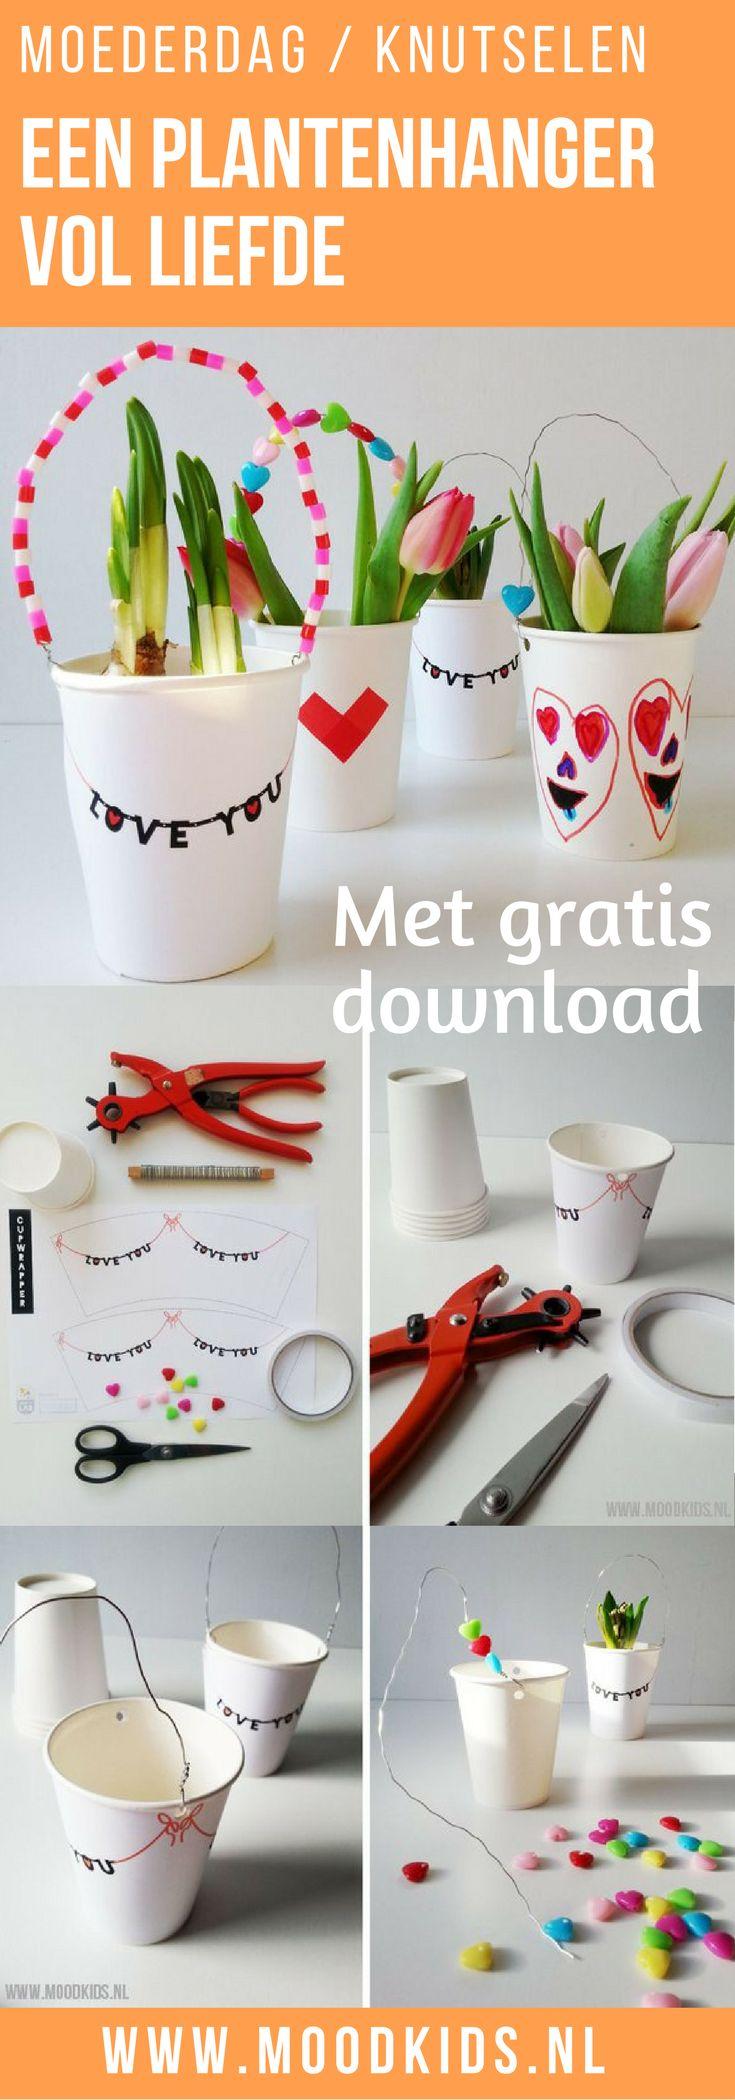 Knutselen met kinderen voor Moederdag of Valentijnsdag. Een leuke plantenhanger vol liefde. Met gratis download